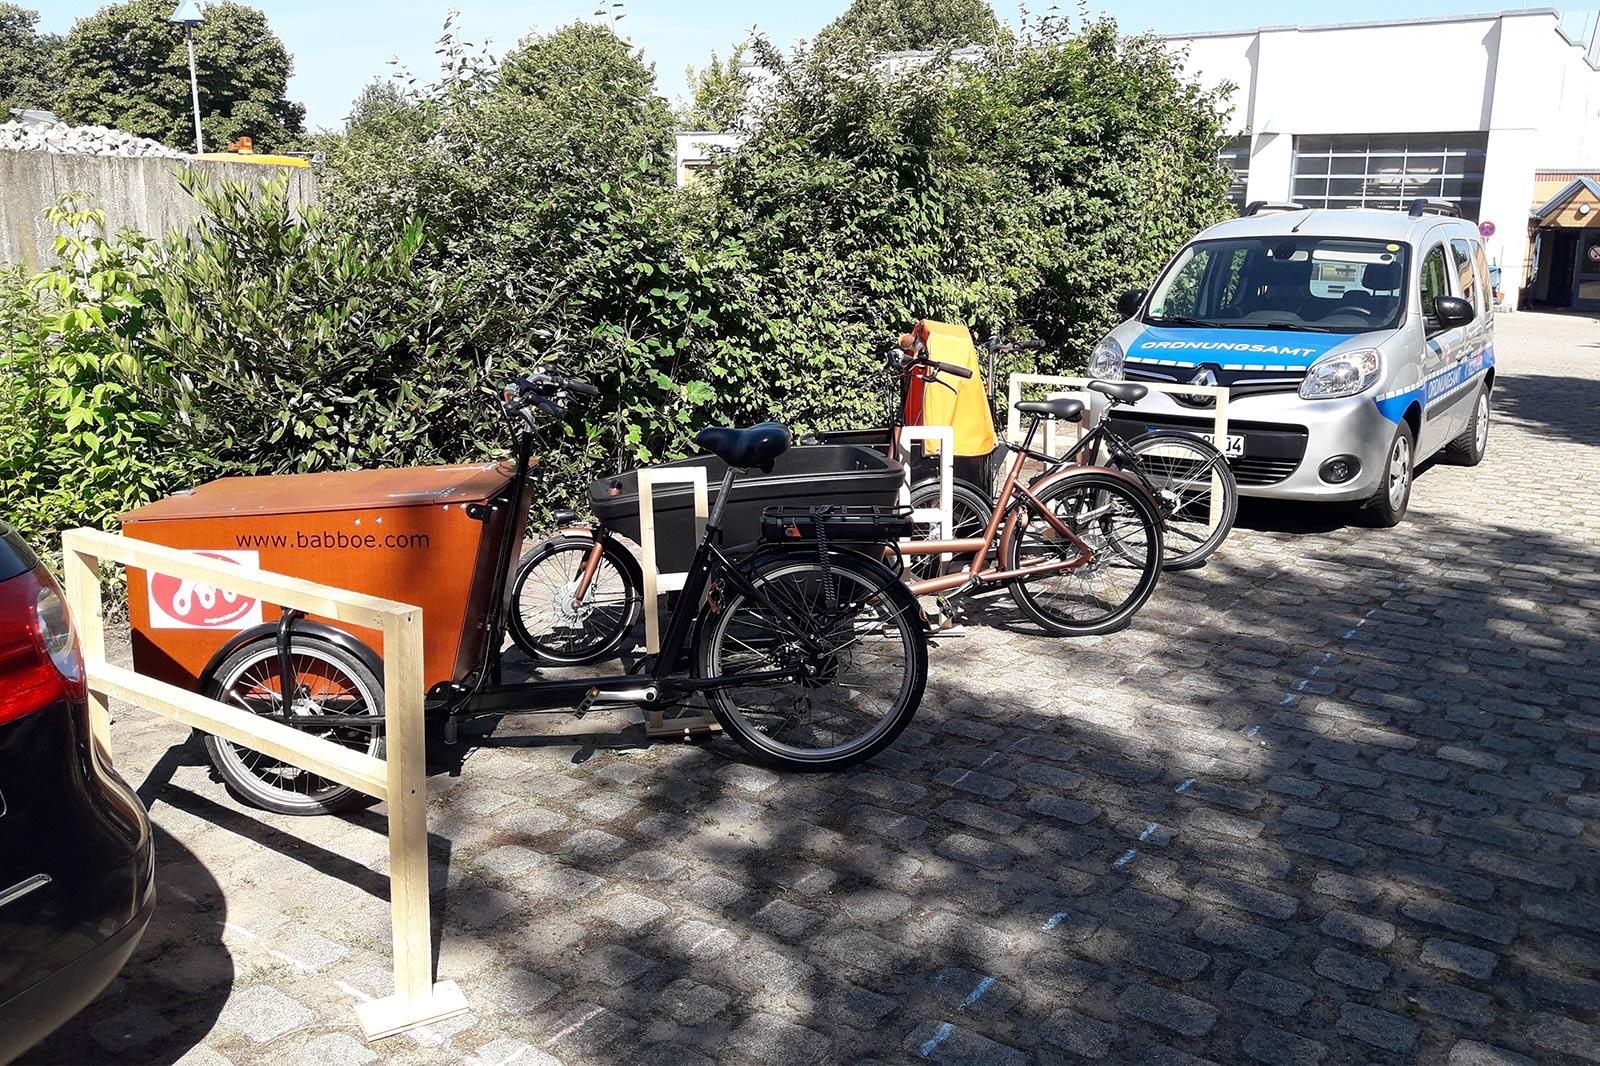 Drei ordnungsgemäß geparkte Lastenräder in einer Reihe vor einem Fahrzeug des Ordnungsamts.